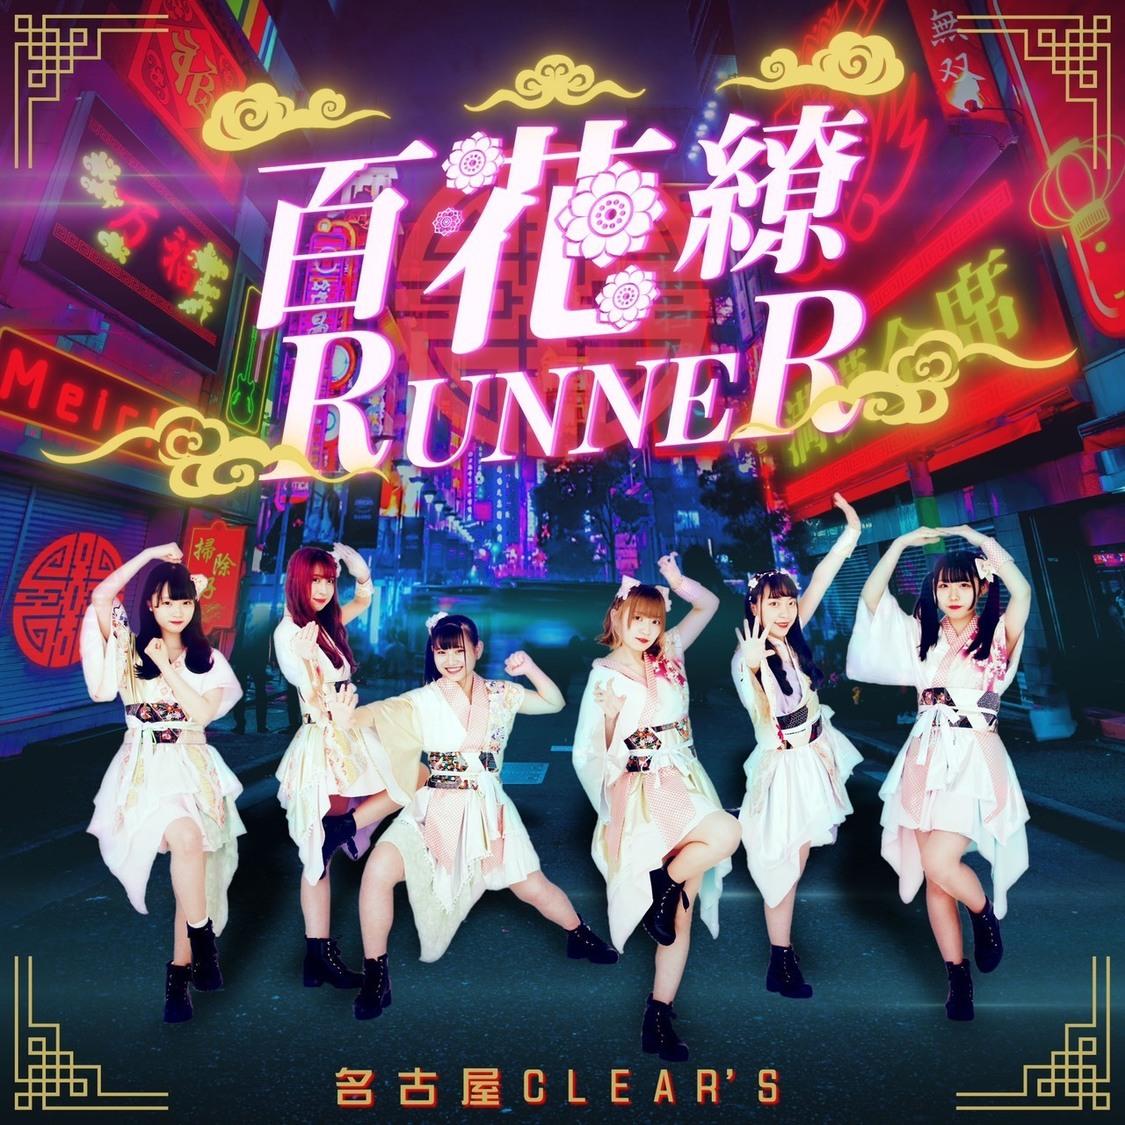 名古屋CLEAR'S、新SG「百花繚RUNNER」ドワンゴジェイピー週間ランキング初登場4位を獲得!